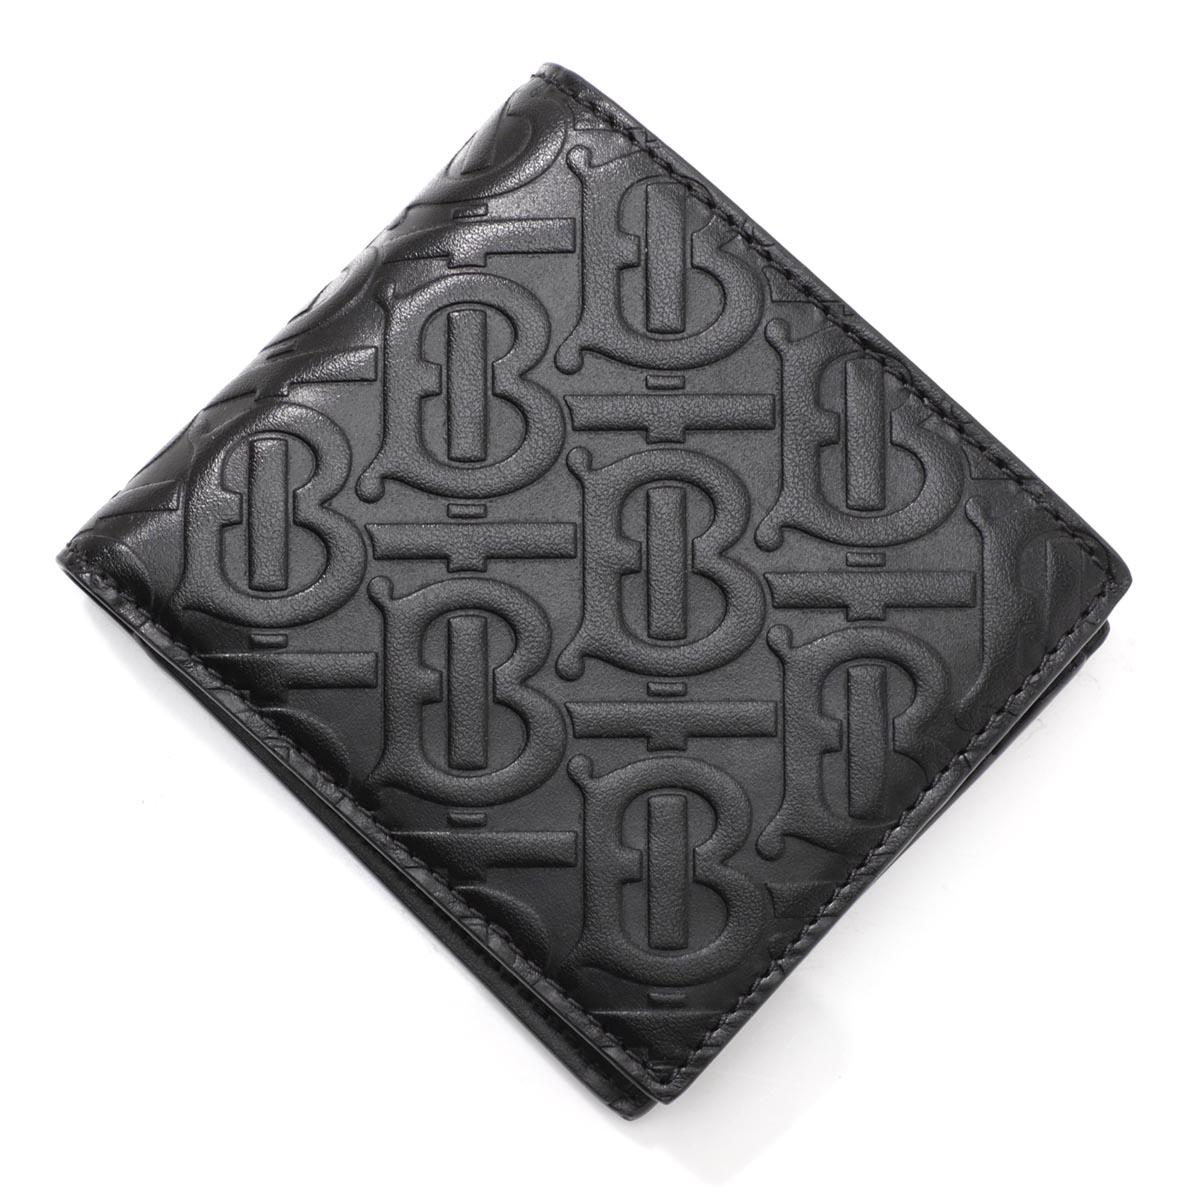 バーバリー BURBERRY 2つ折り 財布 小銭入れ付き ブラック メンズ ウォレット ギフト レザー プレゼント 8017655 black MONOGRAMED LEATHER BILL COIN WALLET【返品送料無料】【ラッピング無料】